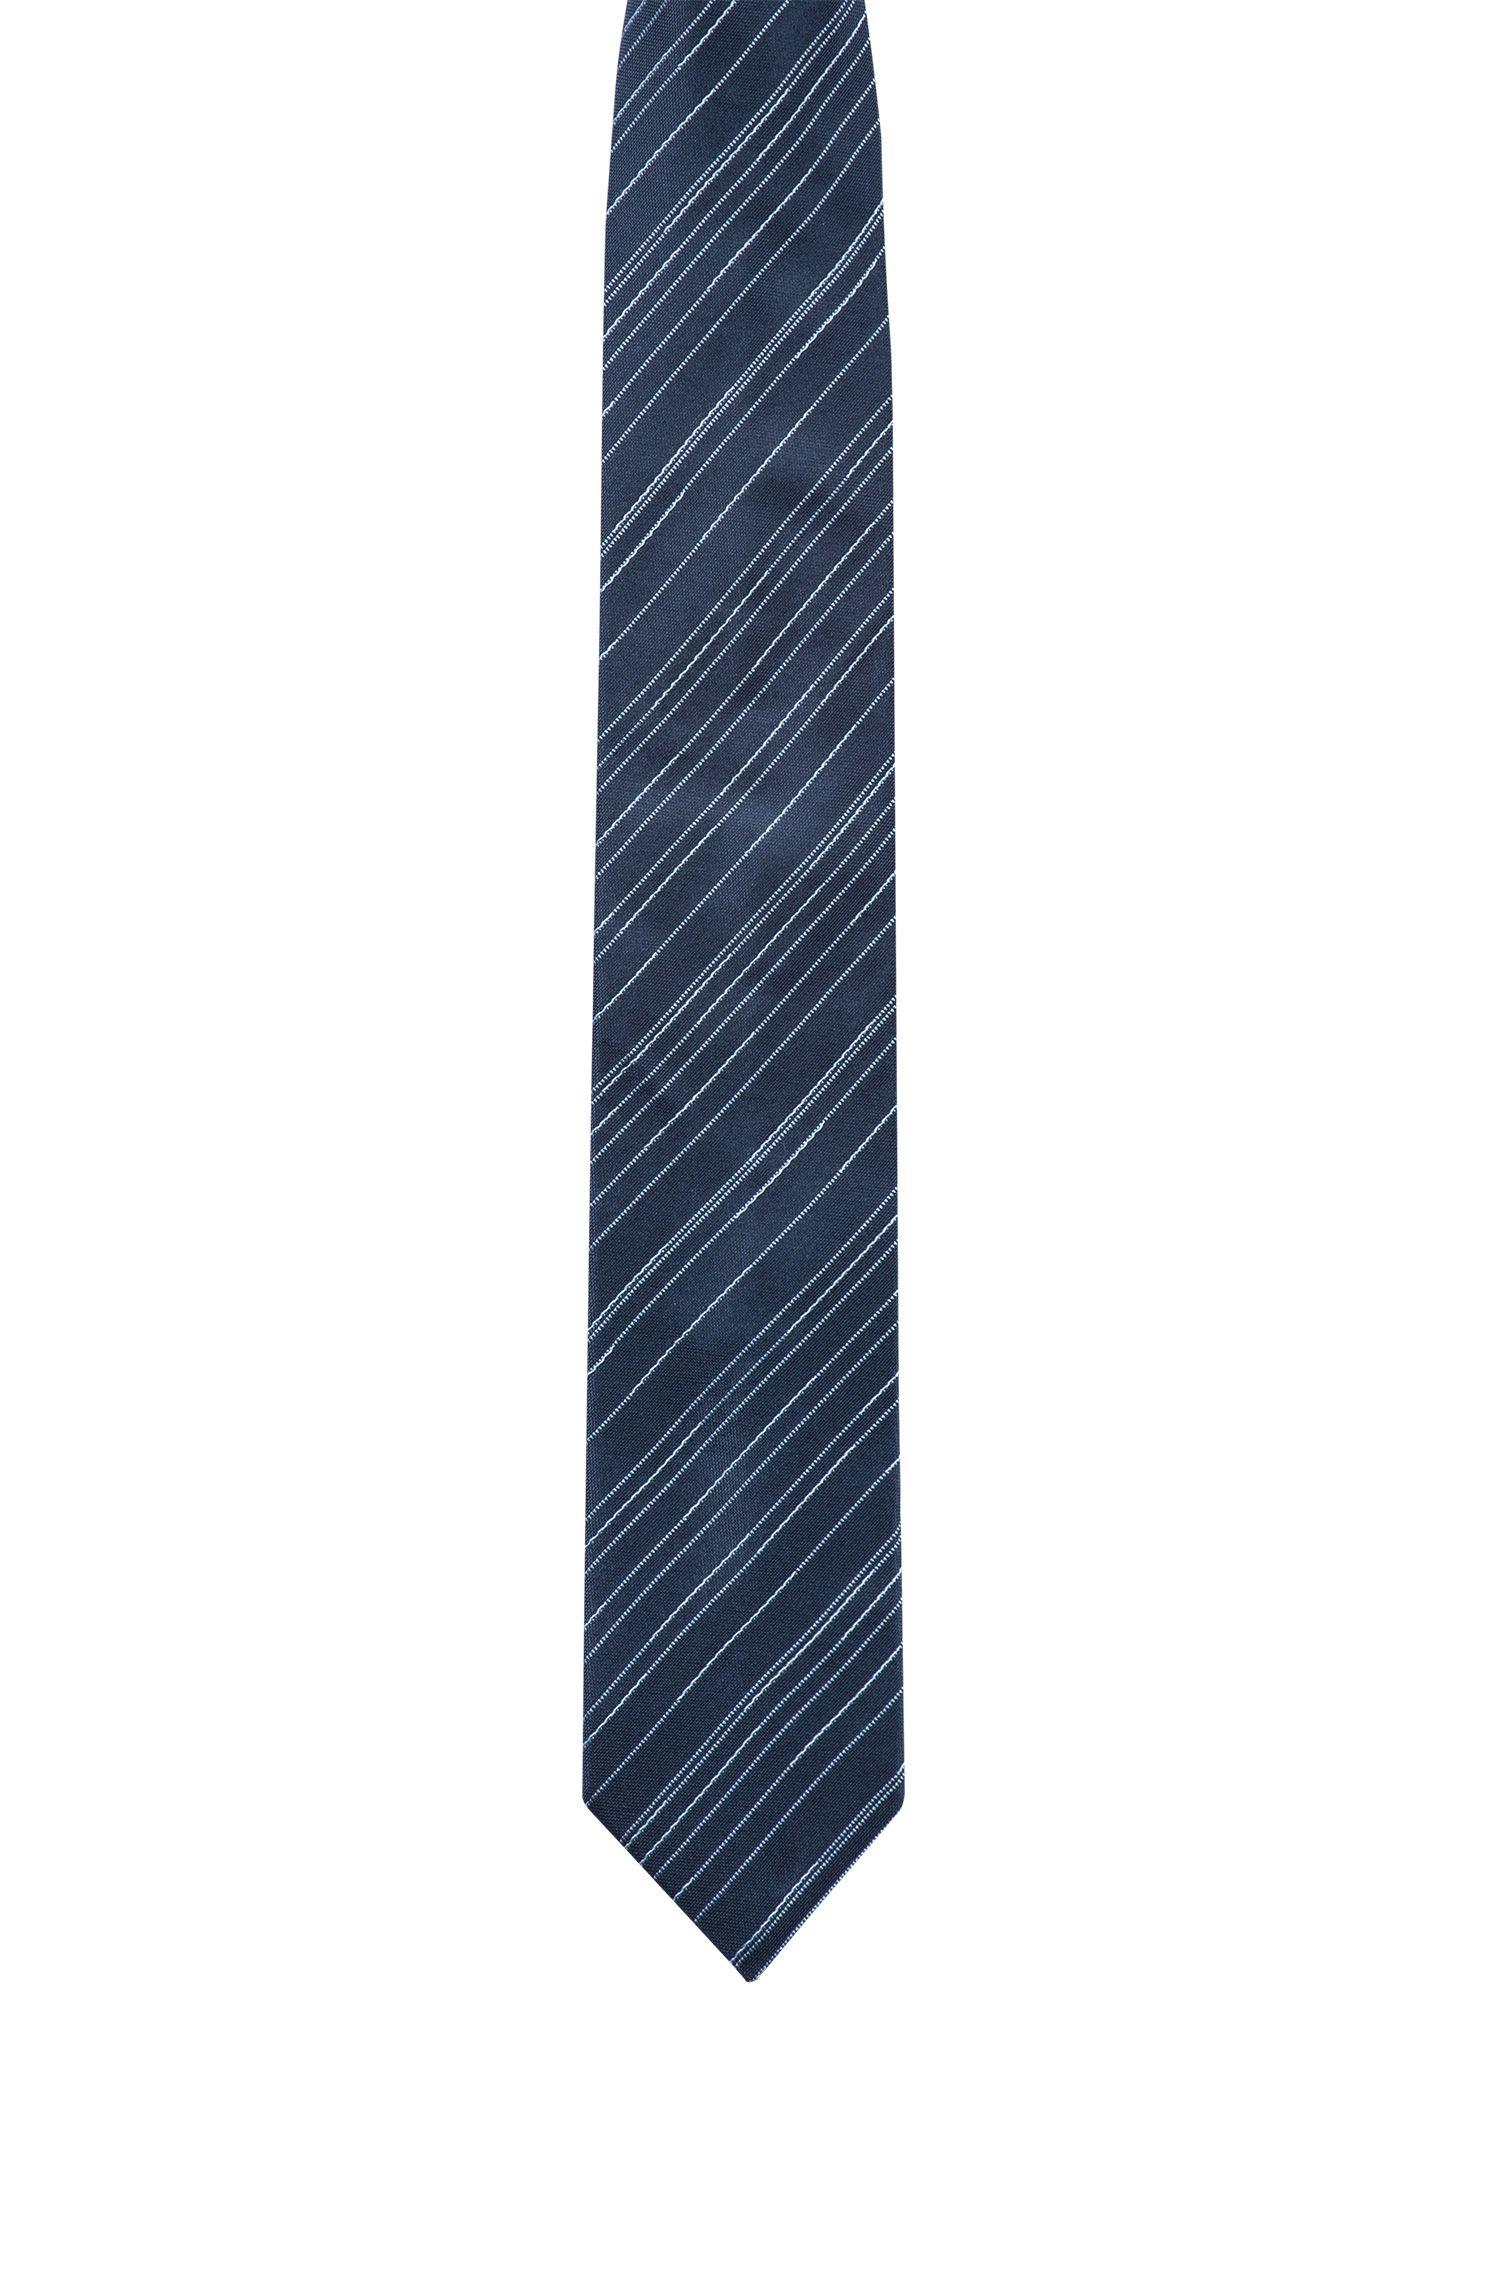 Slimline tie in silk jacquard with diagonal stripes, Dark Blue